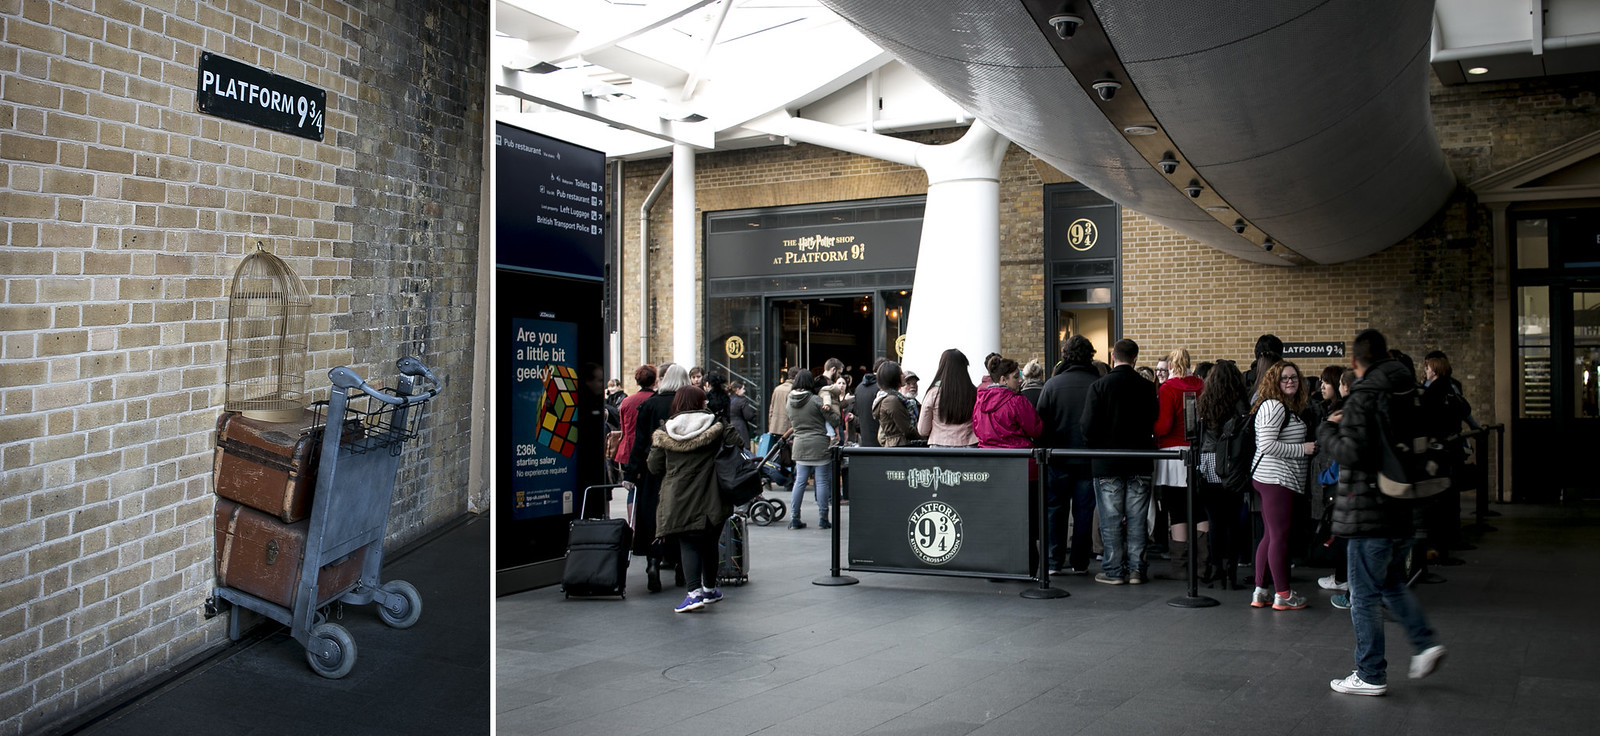 platform 9 3/4, lontoon nähtävyydet, harry potter, king's cross